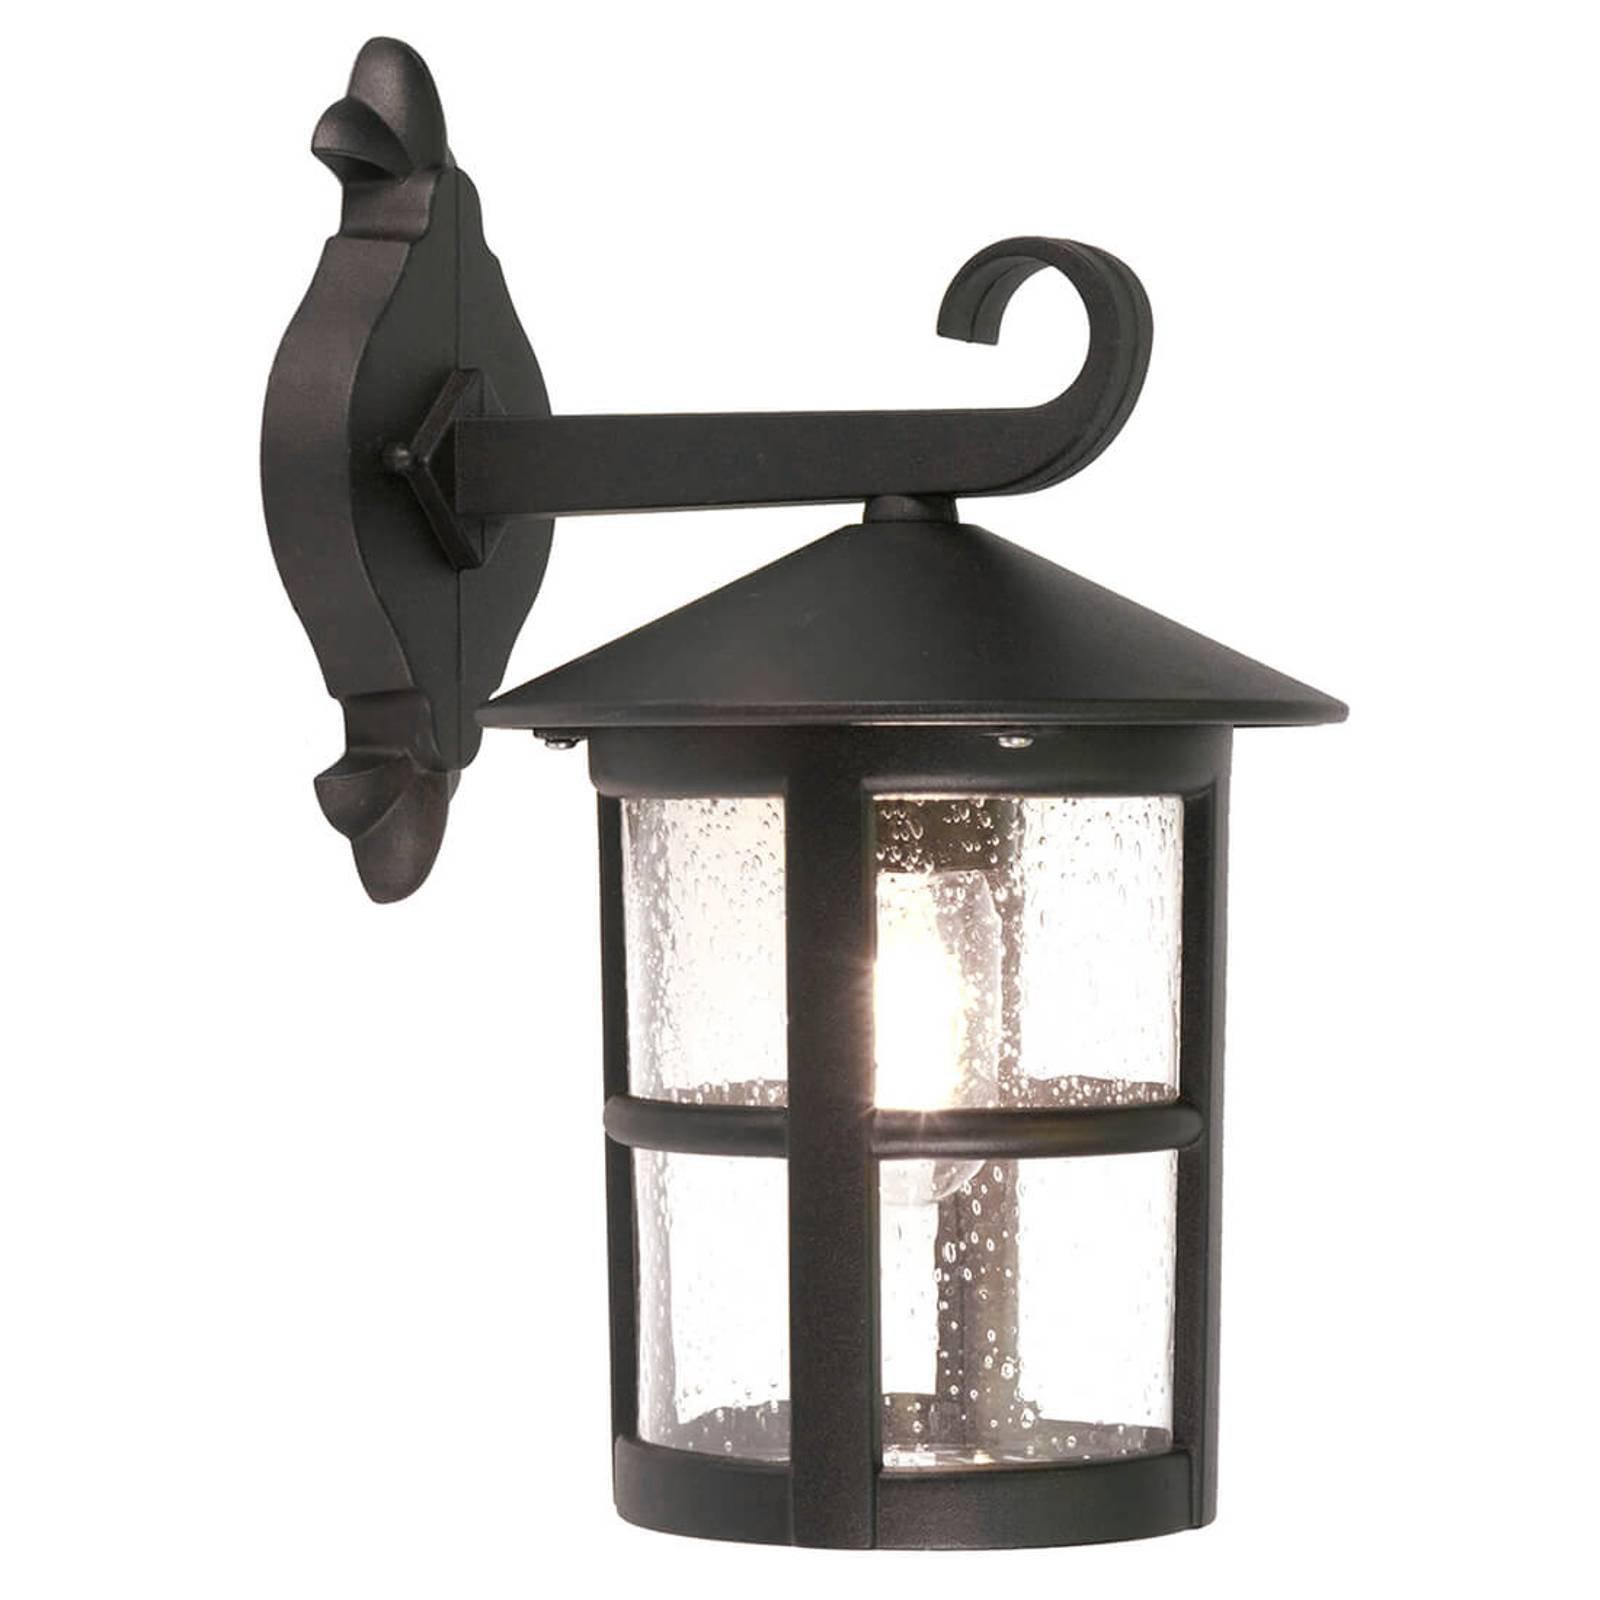 Nedoverpekende lanterne- Hereford vegglampe